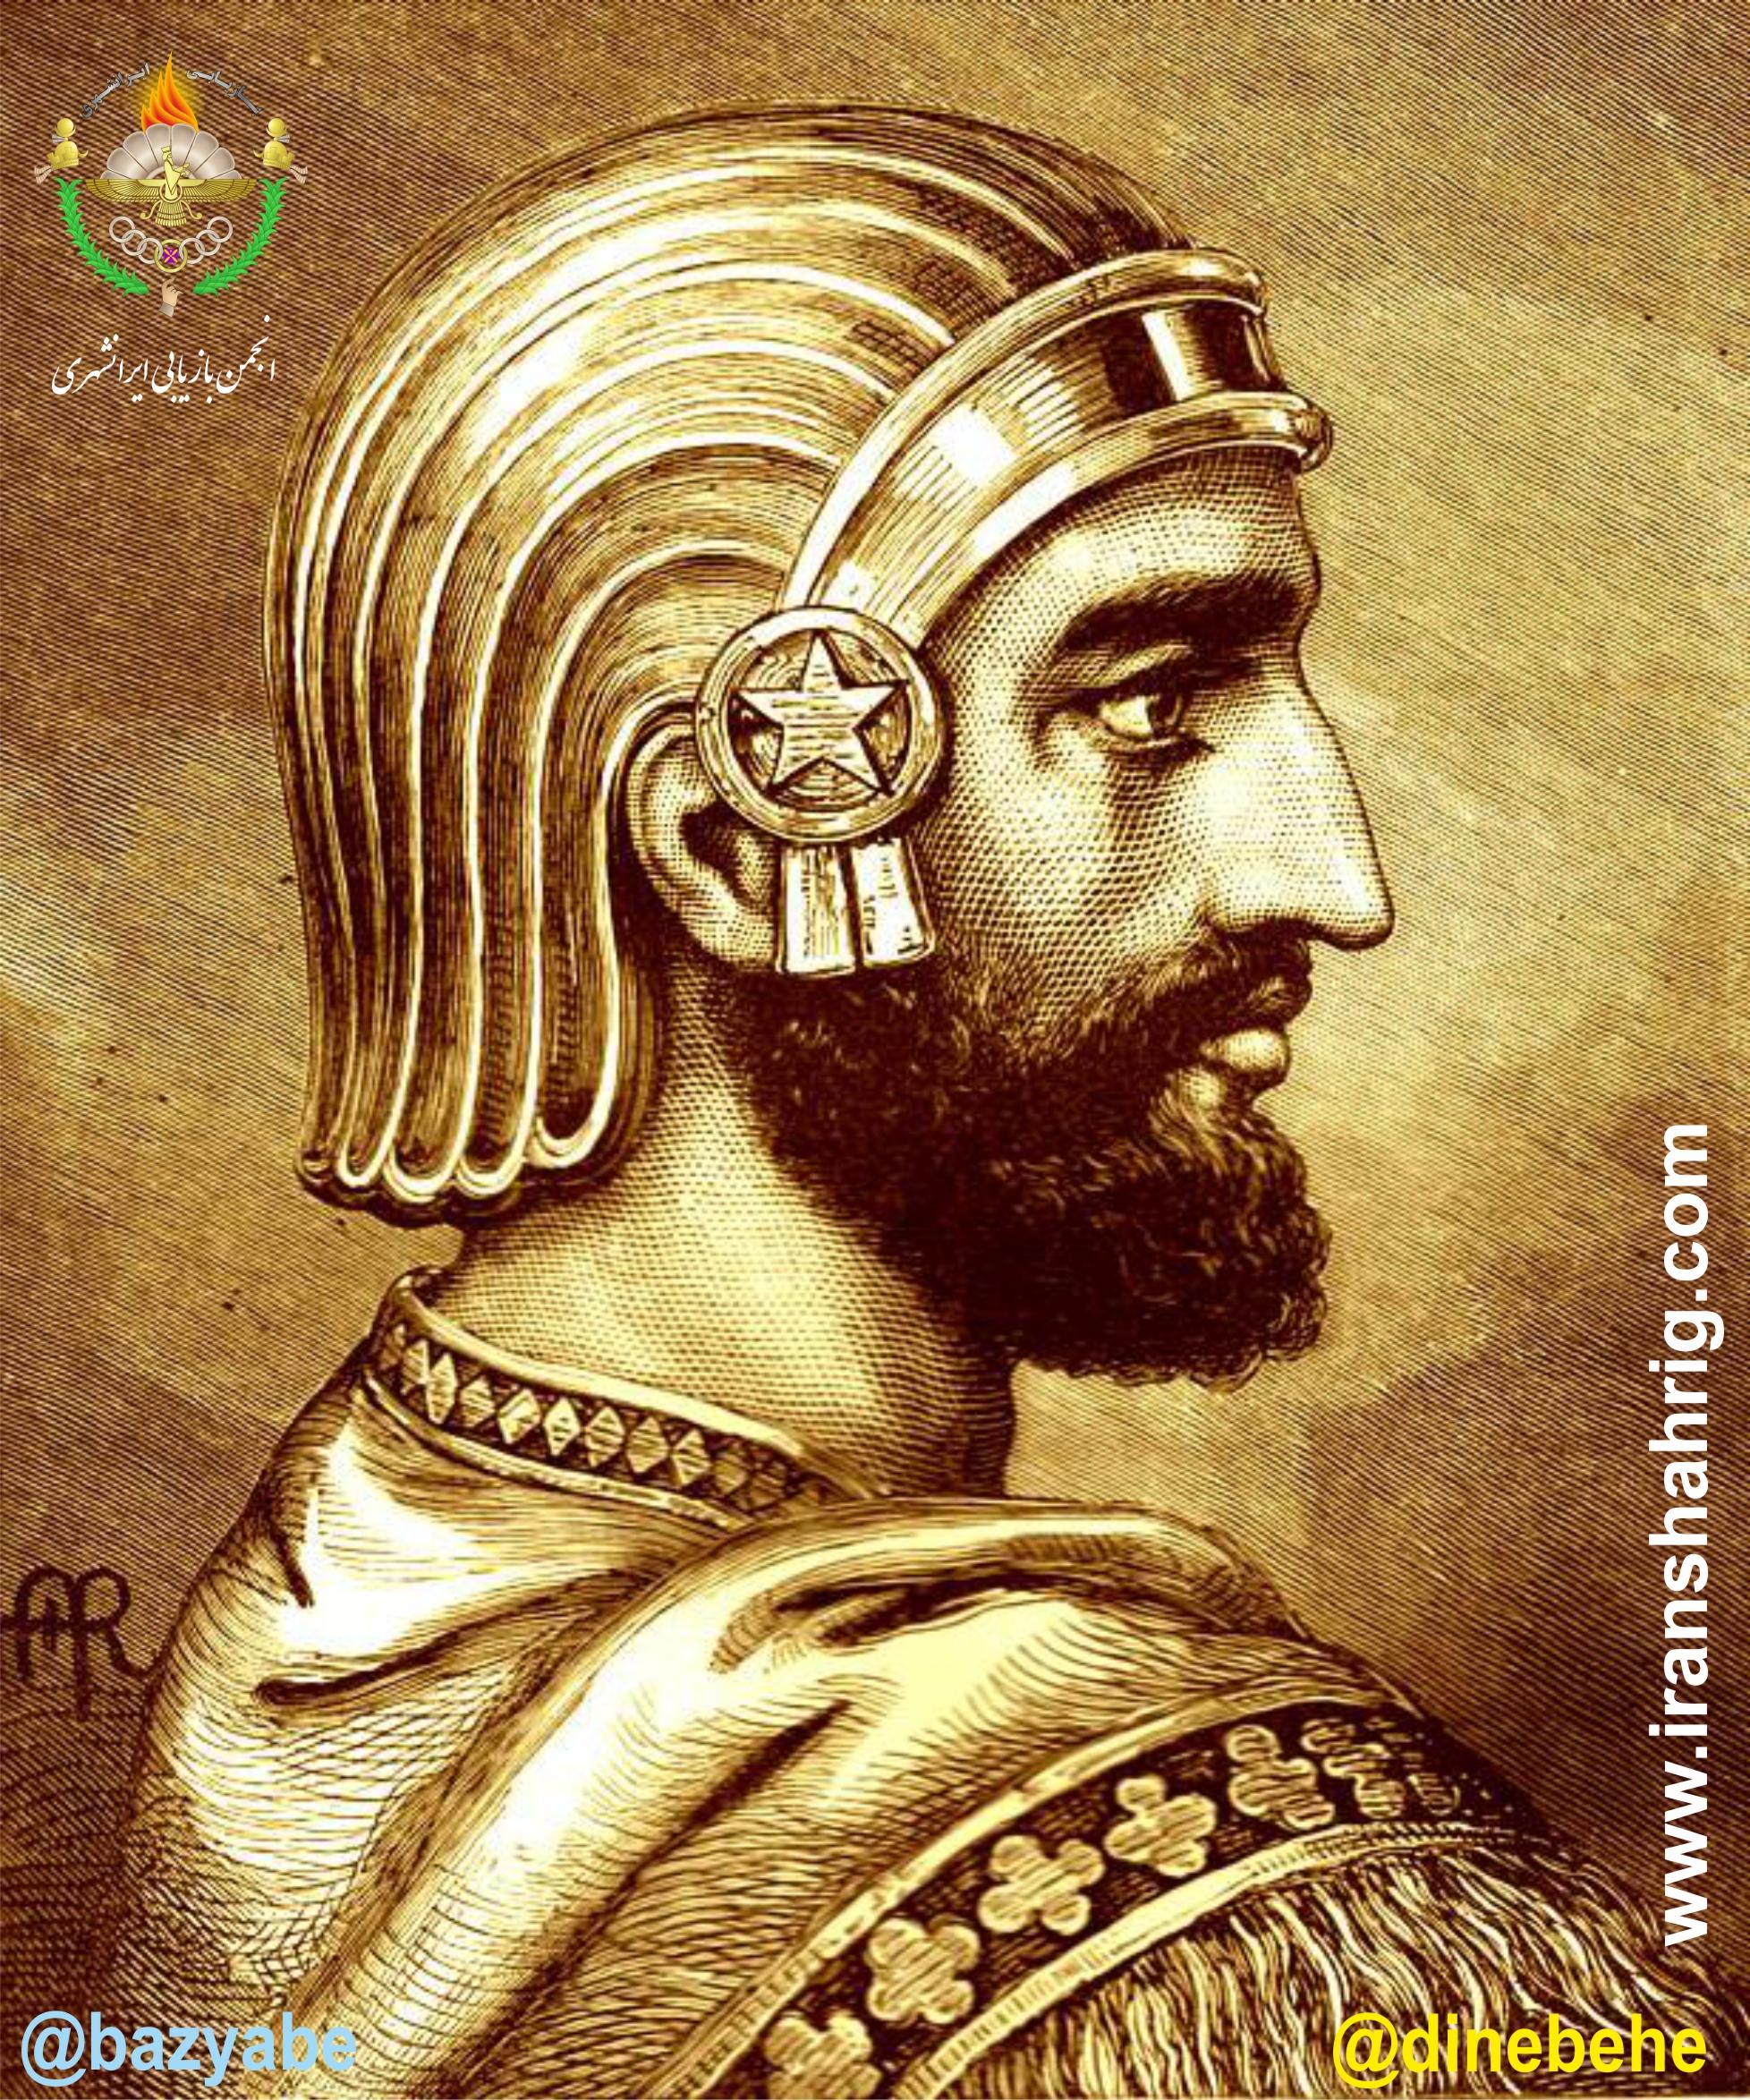 شاه ایرانزمین چگونه انتخاب می شود؟ / کیخسرو آرش گرگین